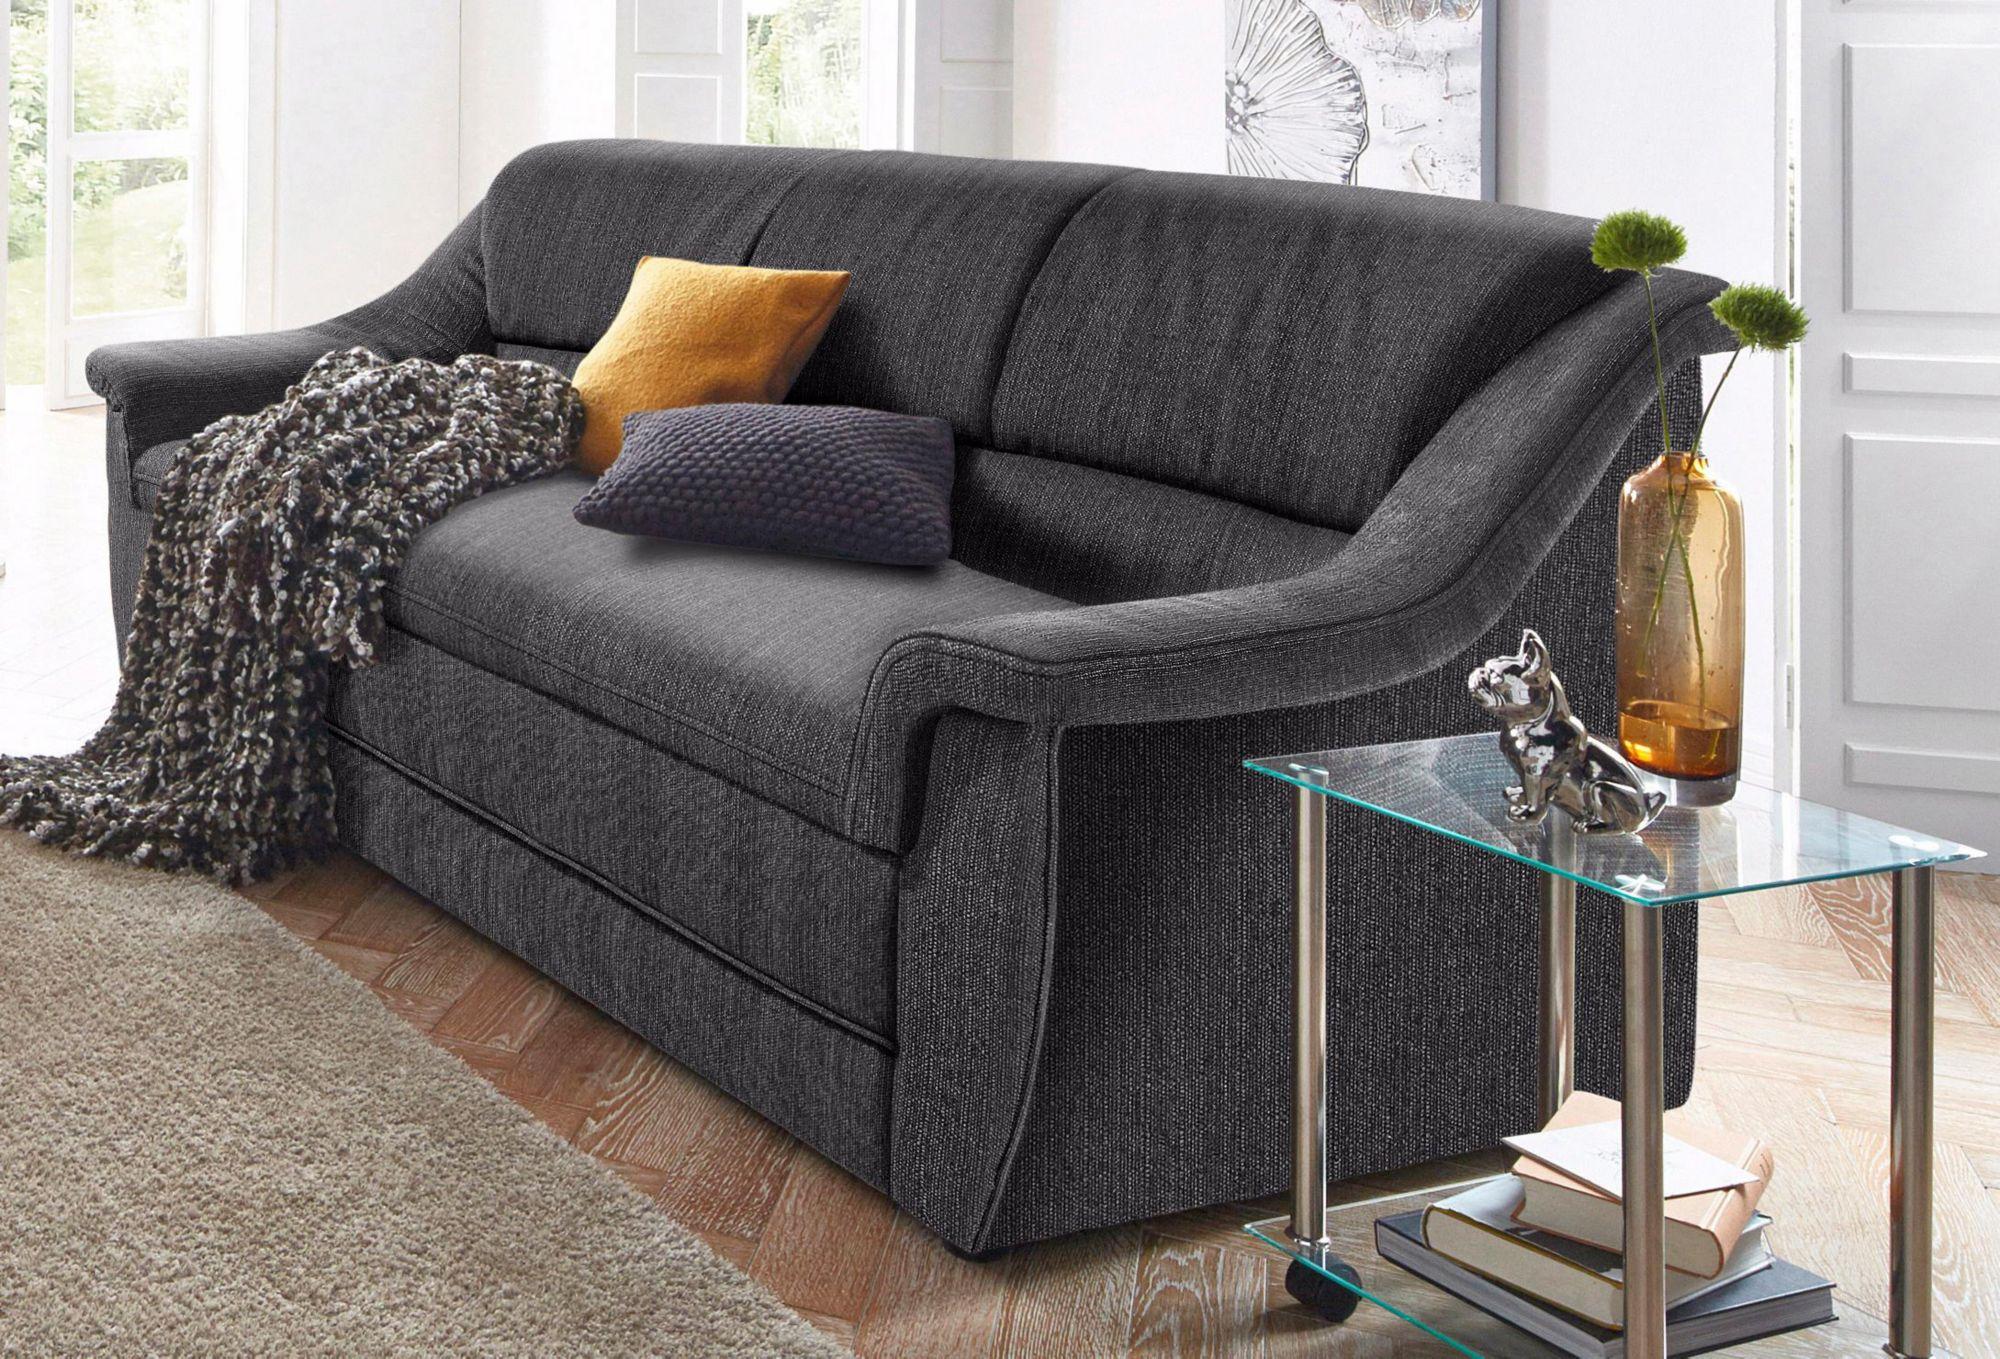 3-Sitzer, optimal für kleinere Räume